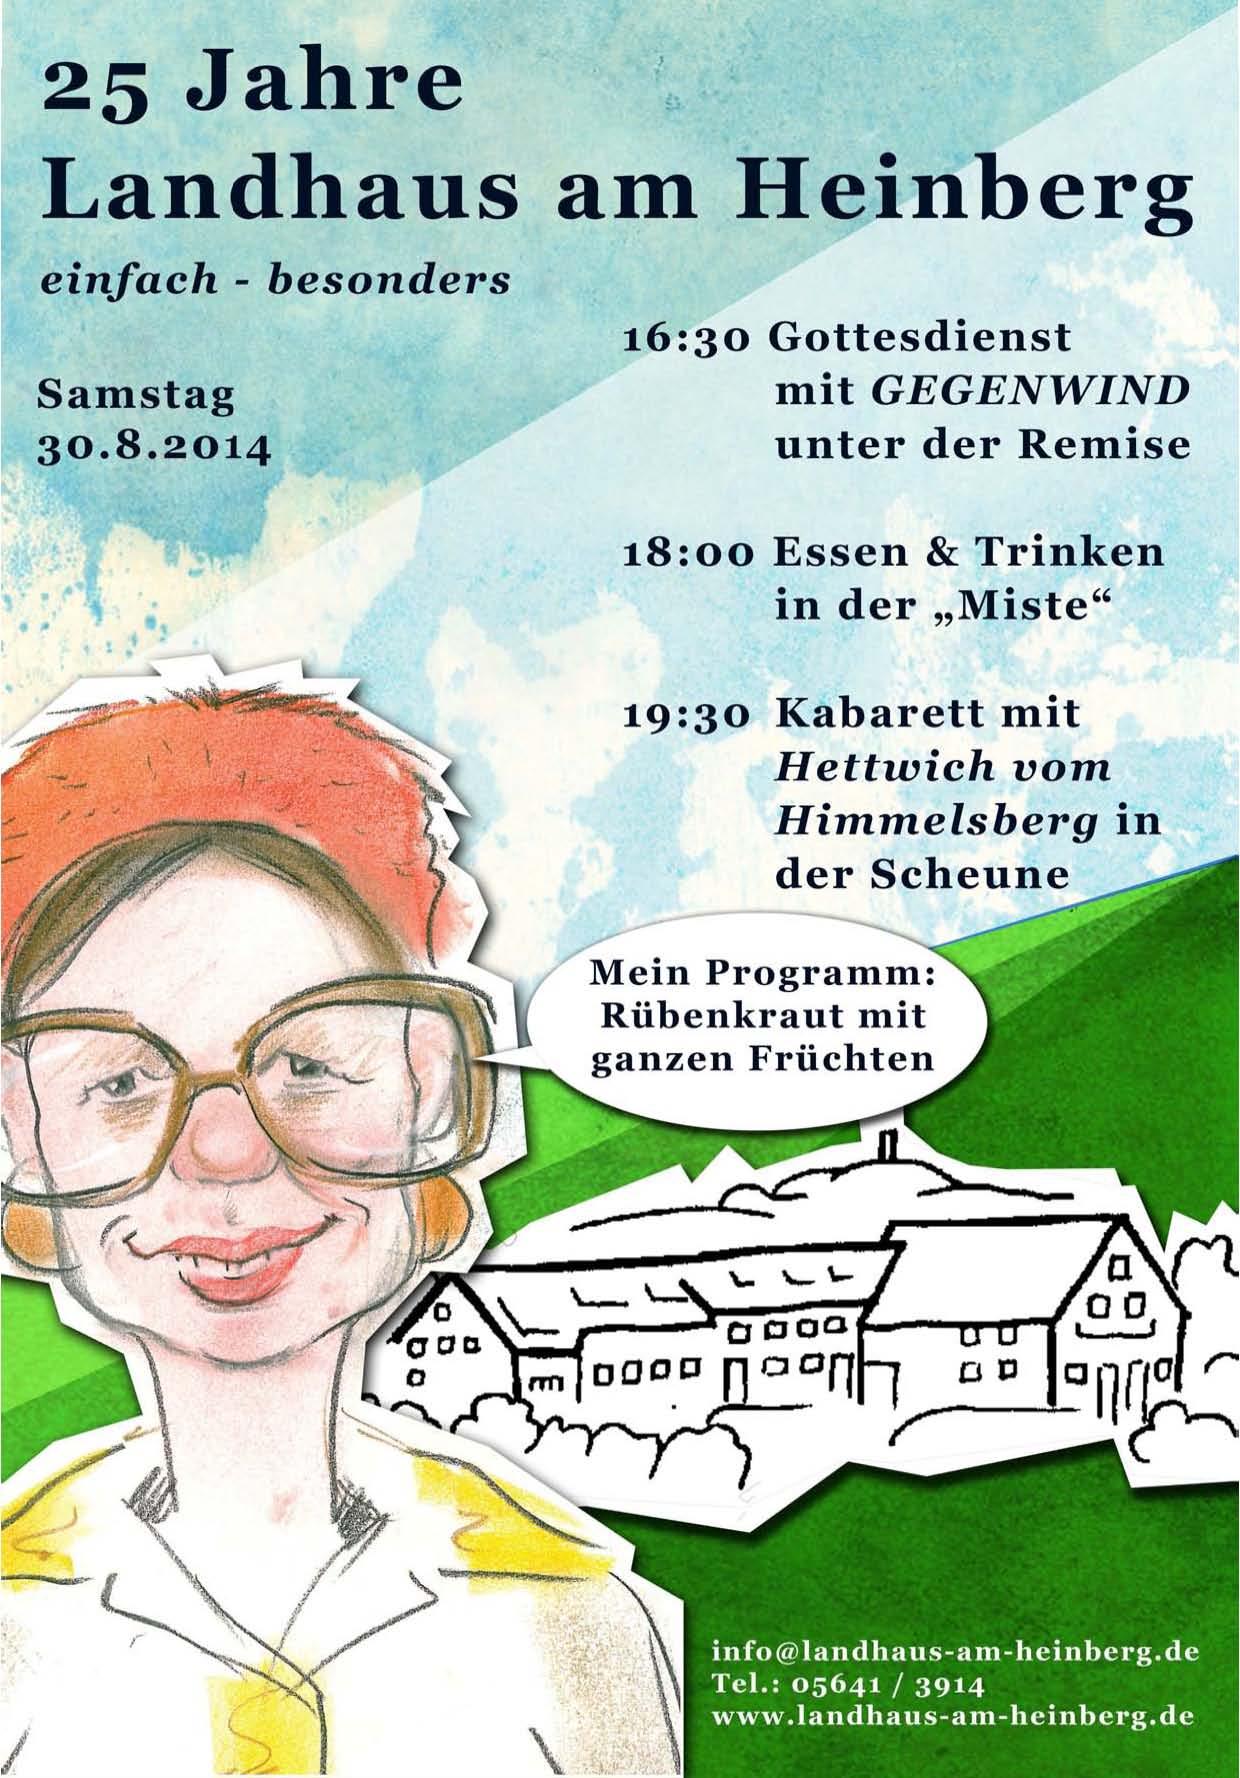 25 Jahre Landhaus am Heinberg